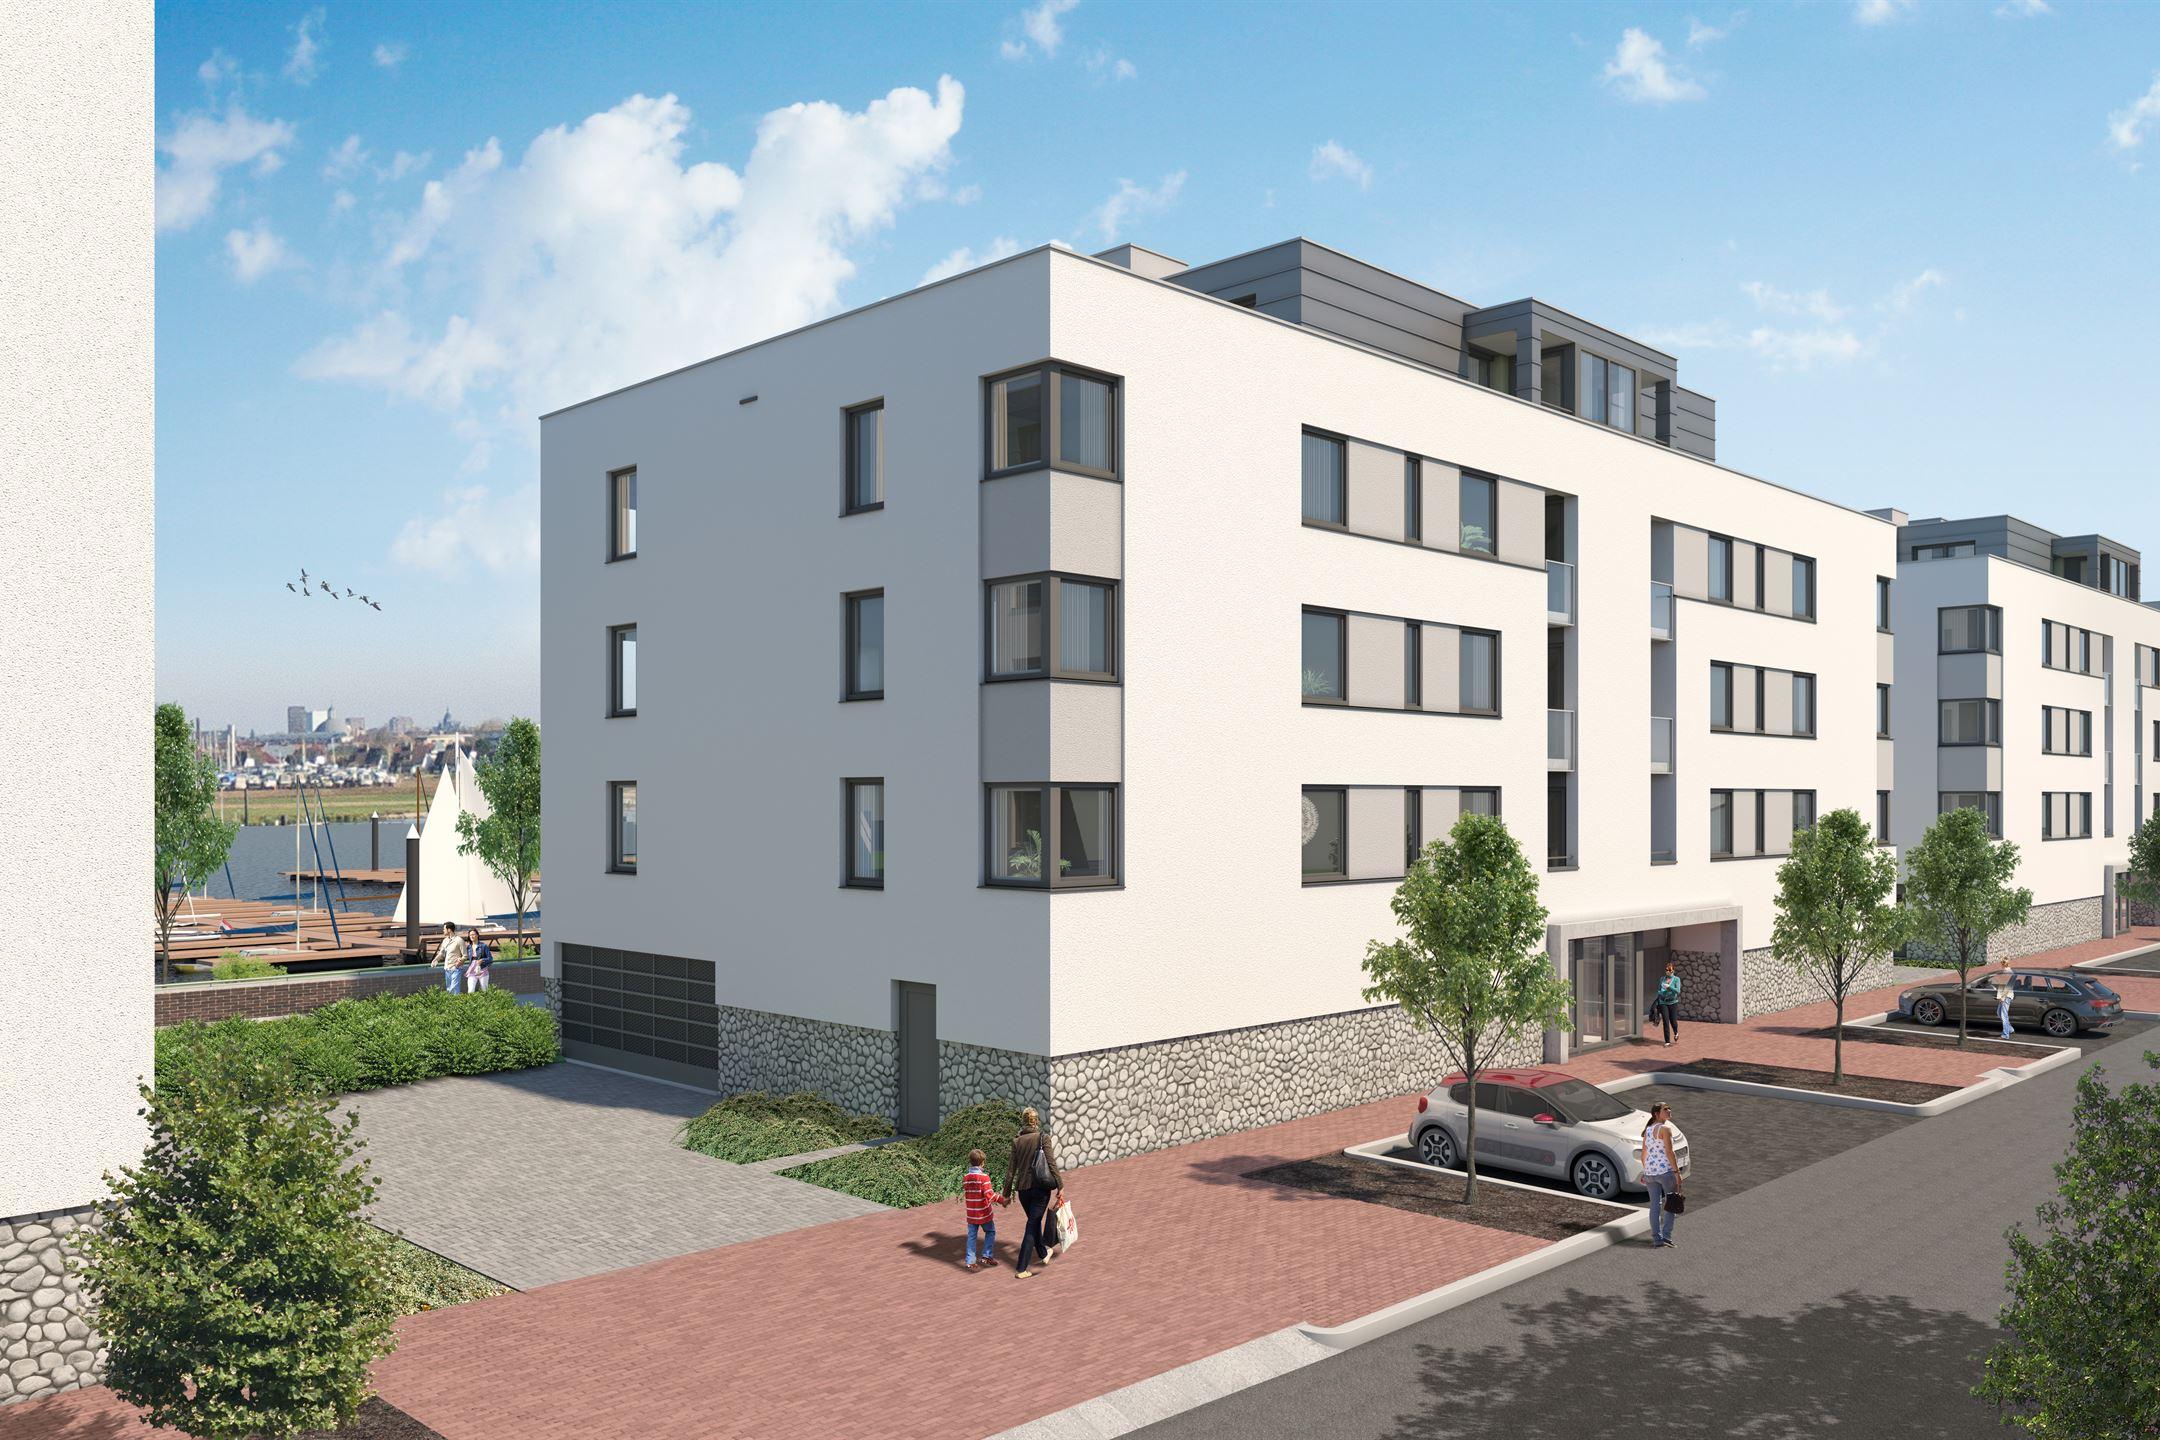 appartement te koop appartement c3 6049 bn herten funda. Black Bedroom Furniture Sets. Home Design Ideas